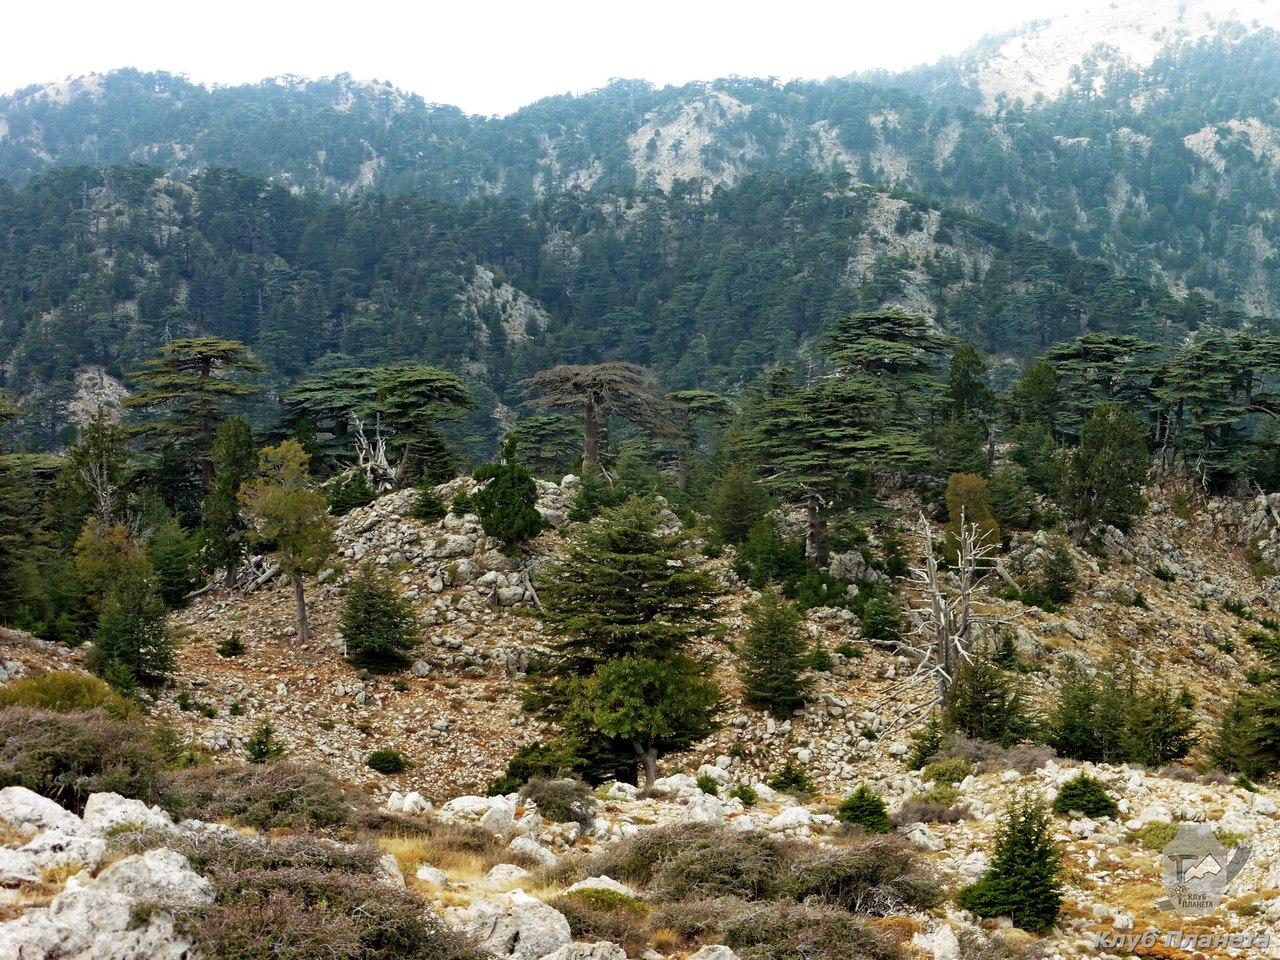 Ликийская тропа. Другая Турция. Отчет о путешествии.